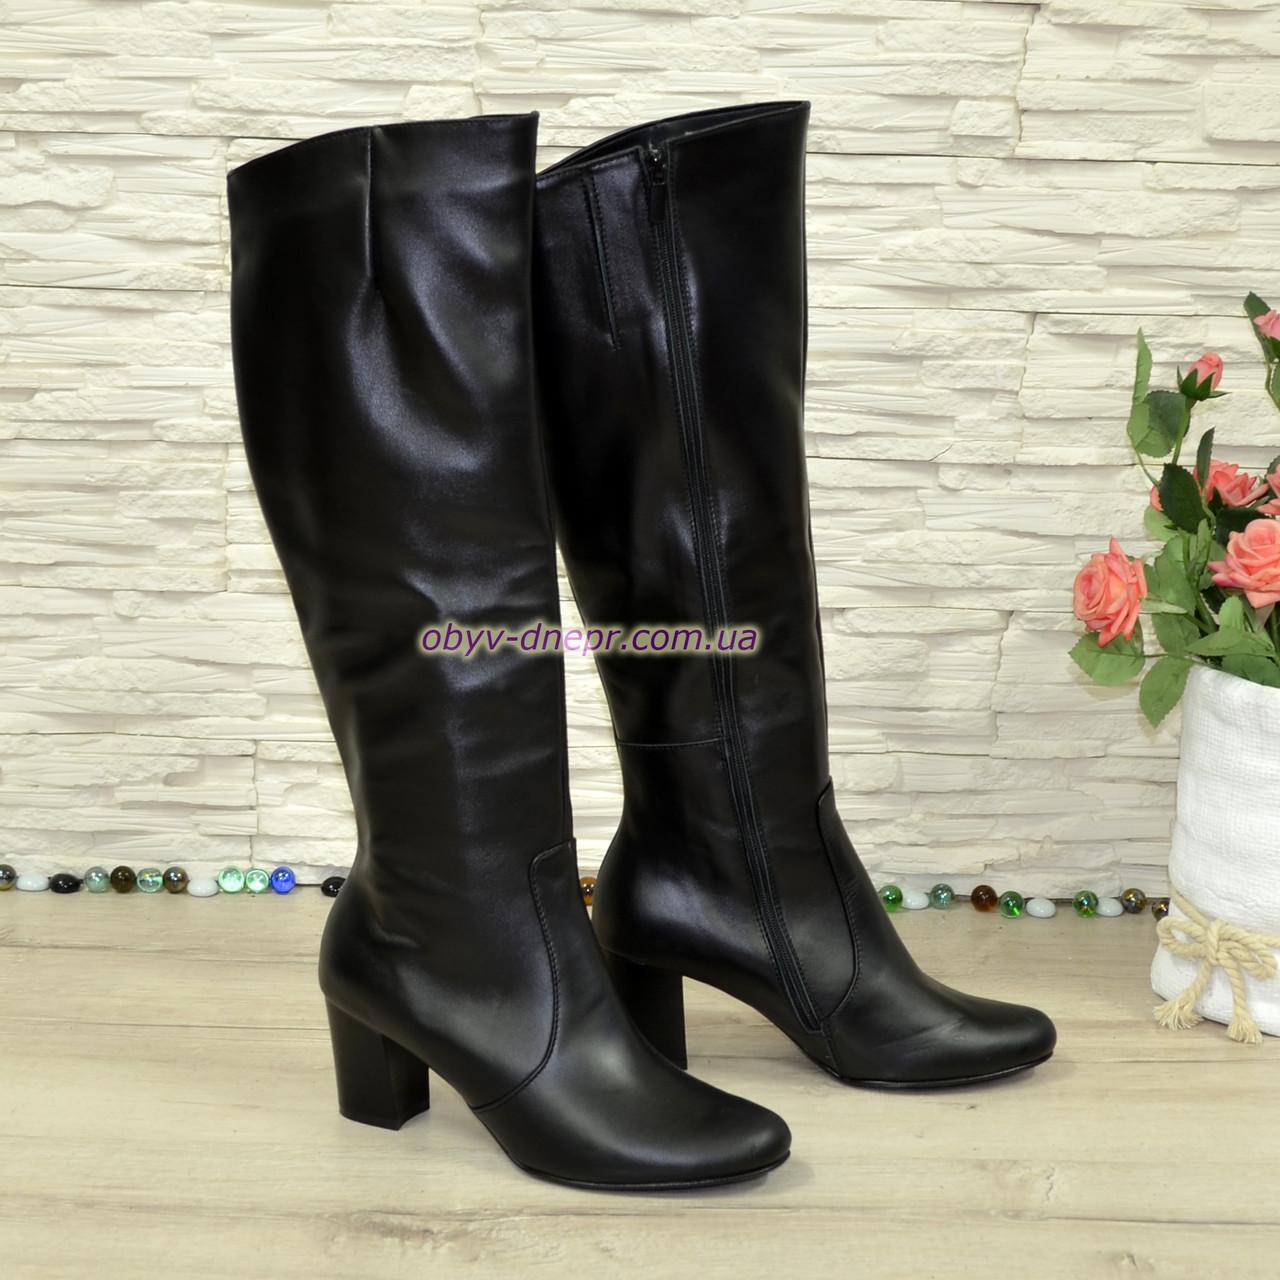 Сапоги женские кожаные демисезонные на каблуке